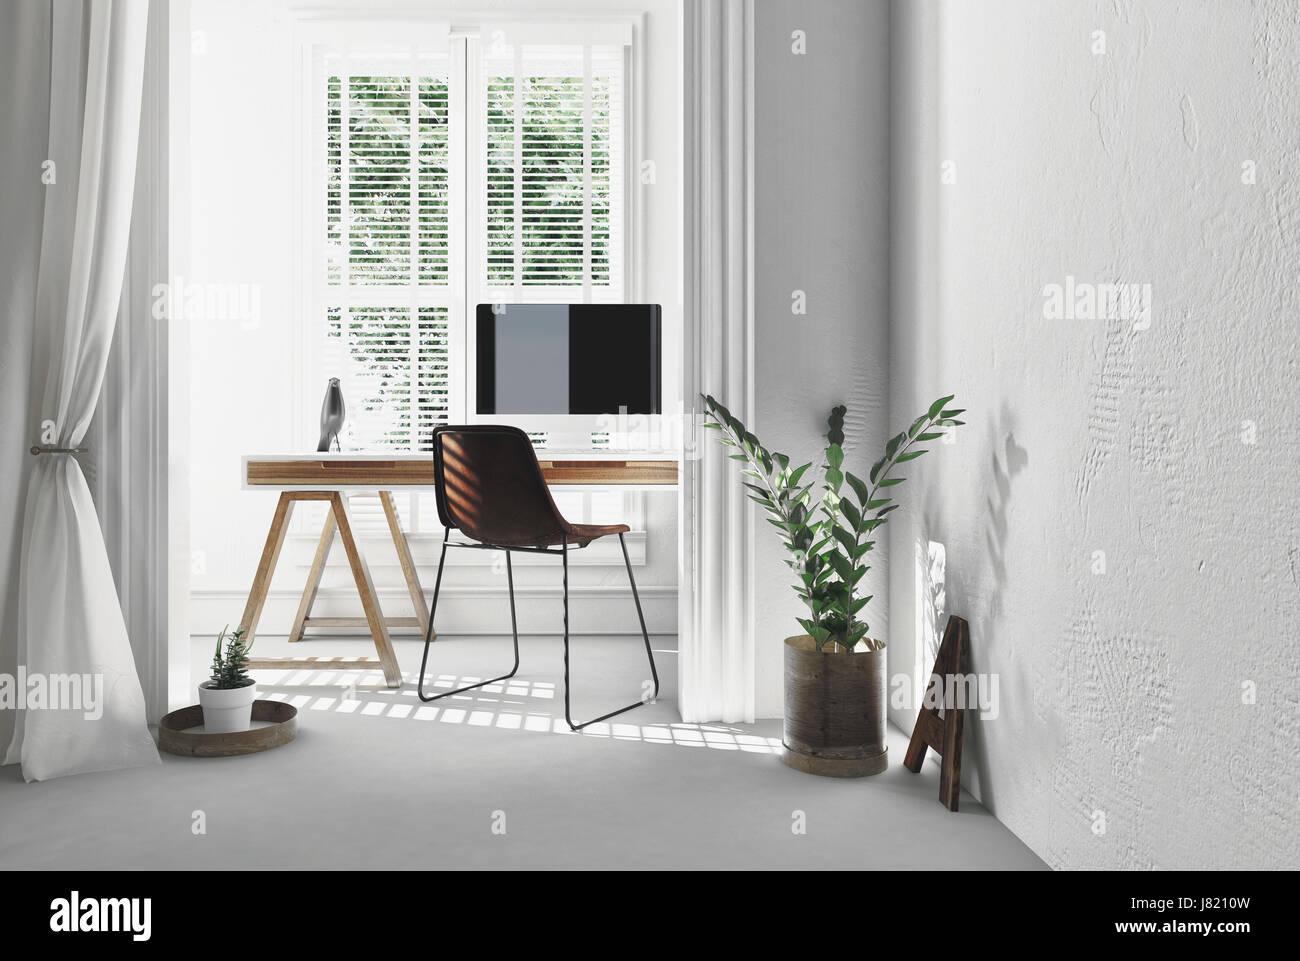 Simple bureau moderne avec un tréteau en bois bureau président et